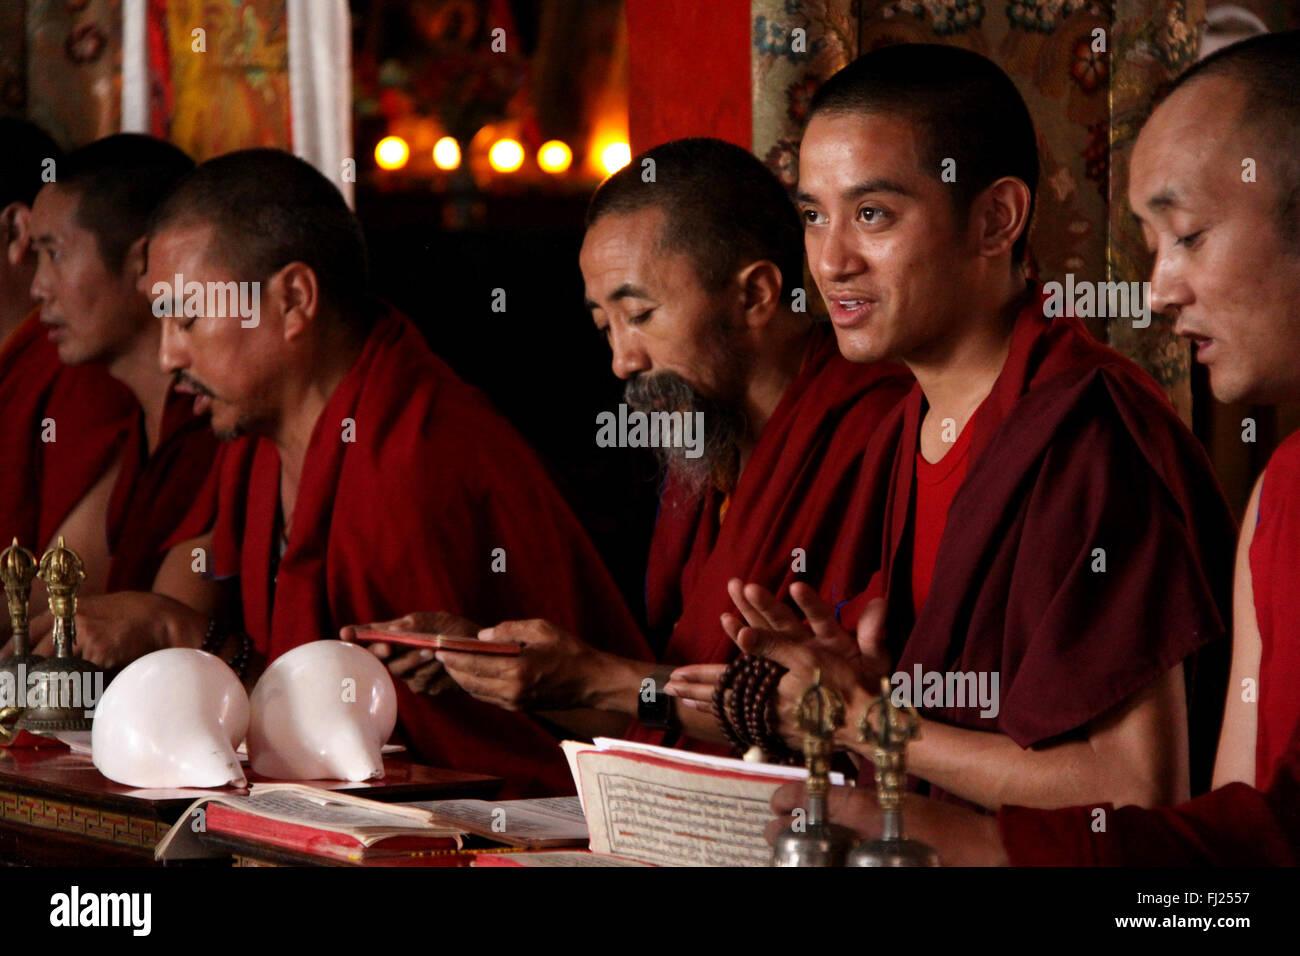 Ritratto di monaco buddista in Nepal Immagini Stock